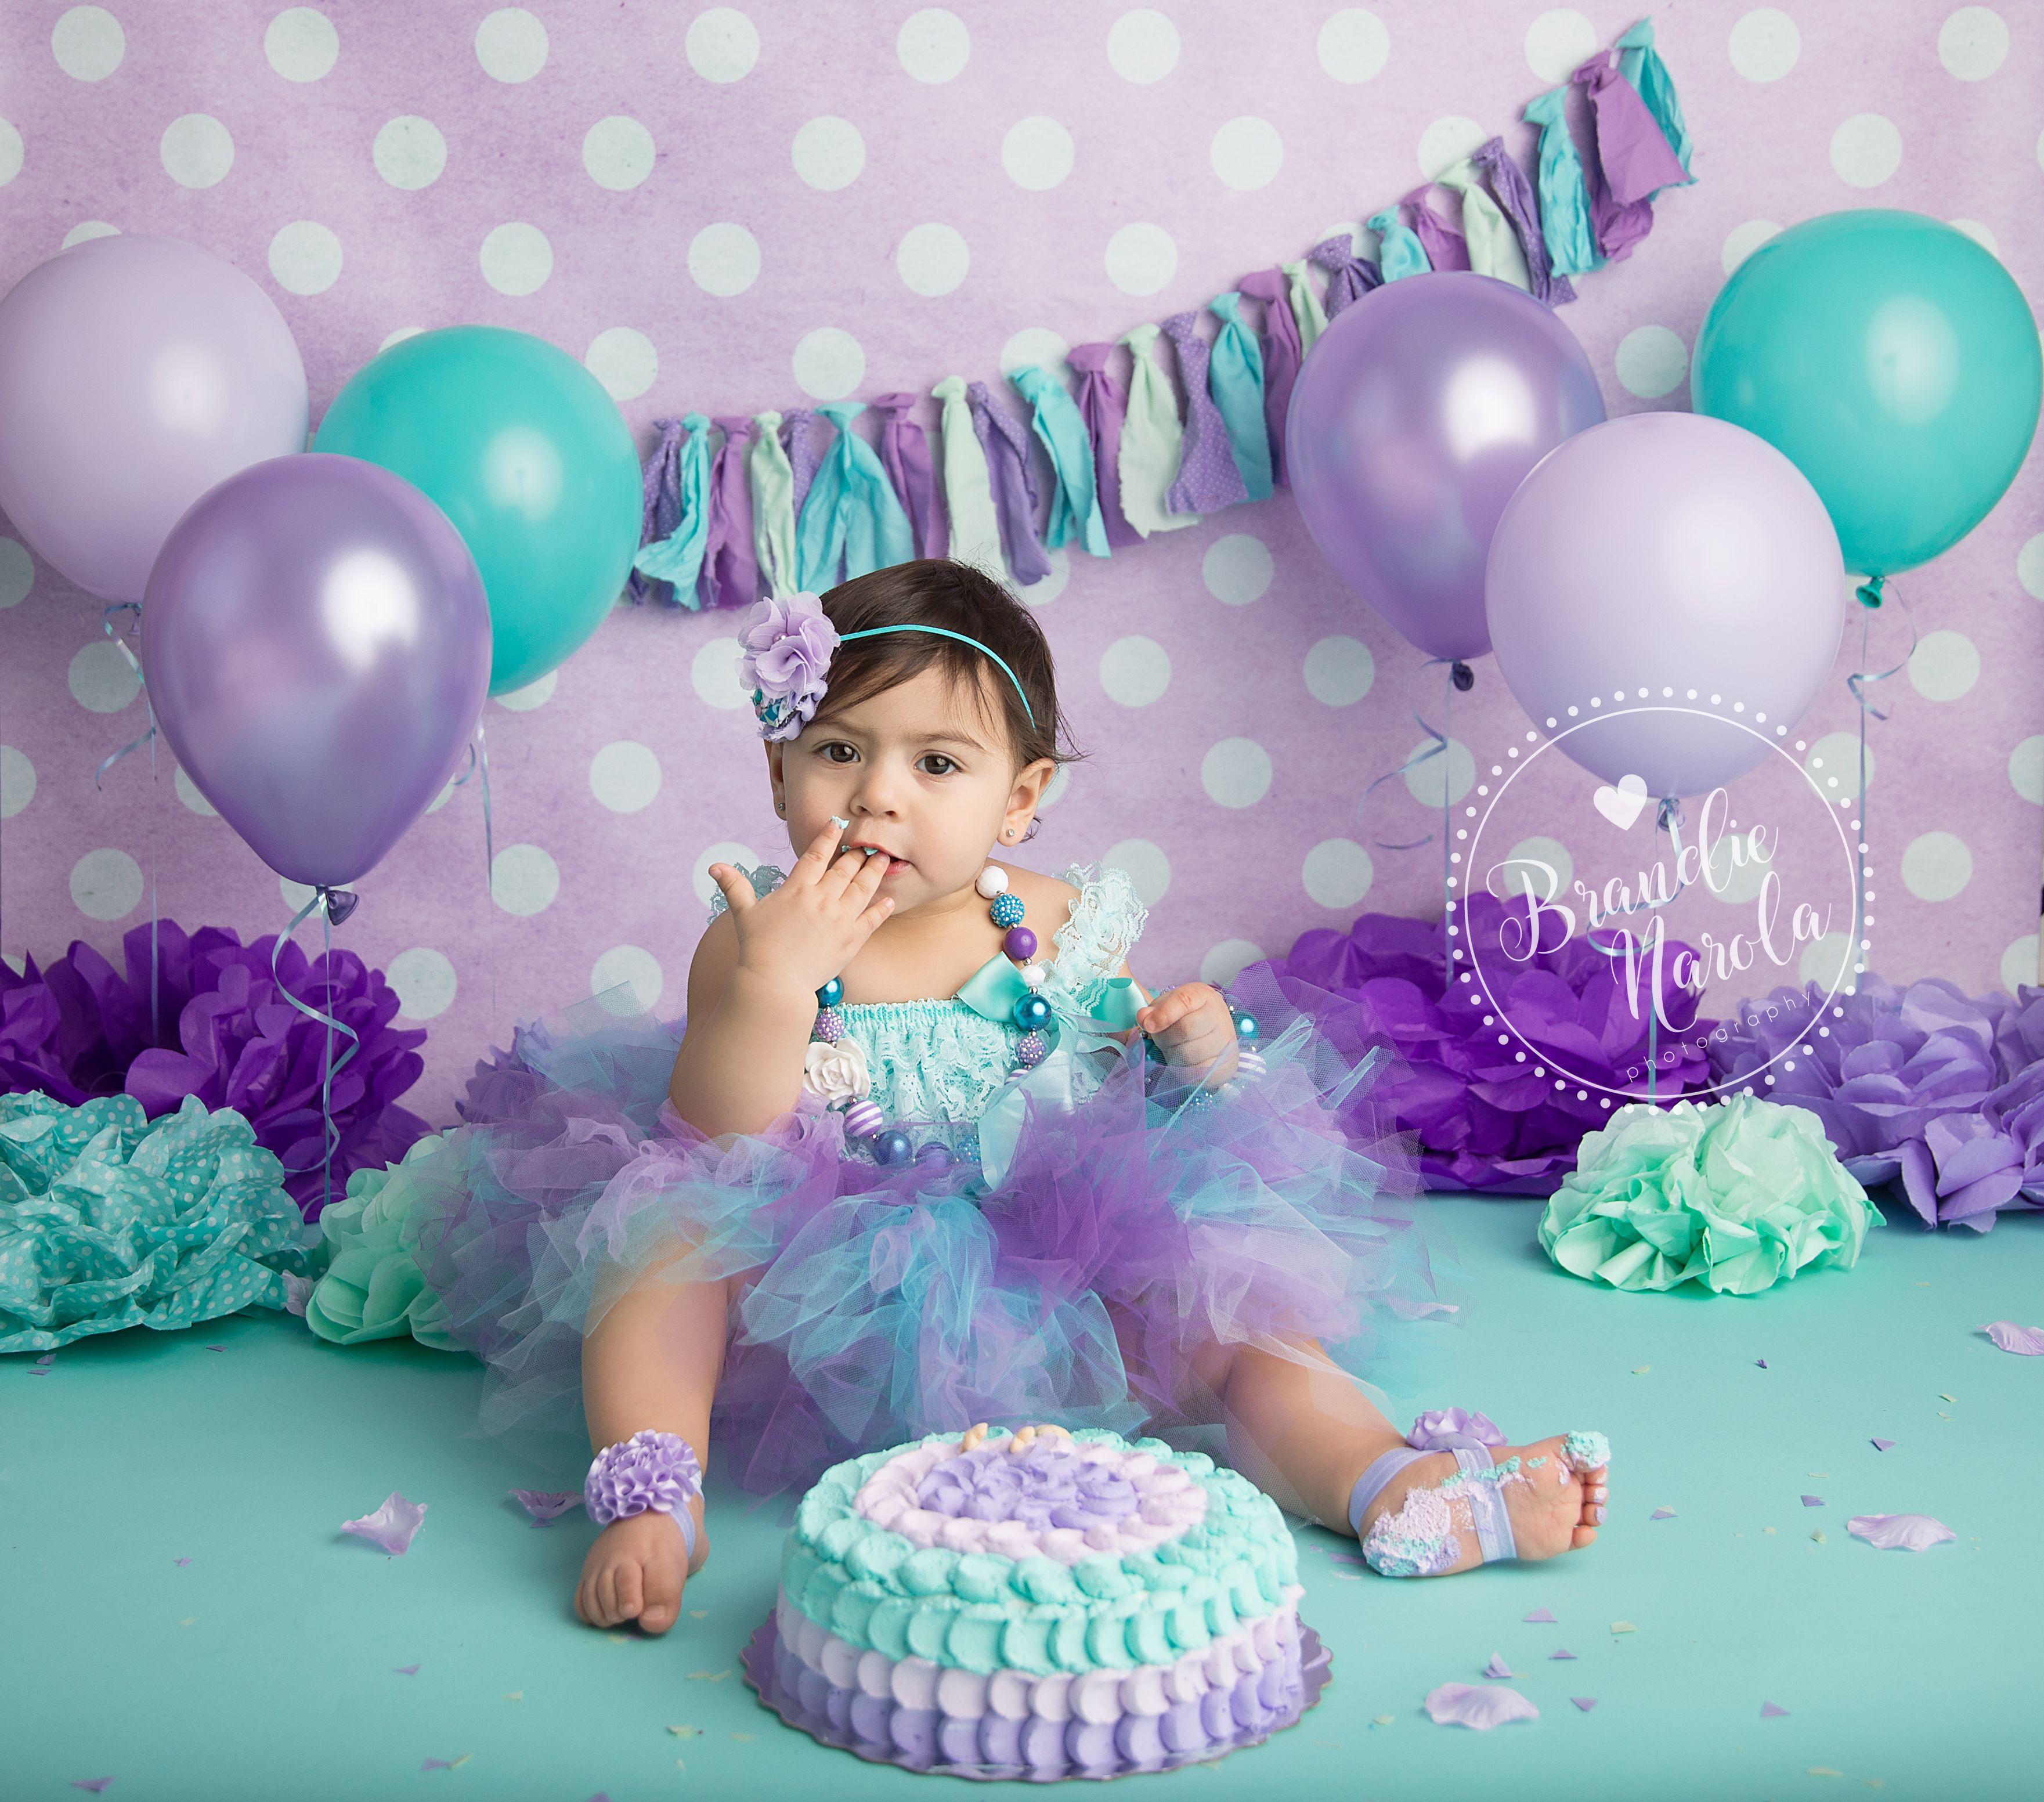 Cake Smash Purple and Aqua Cake Smash Girl Cake Smash Lilah